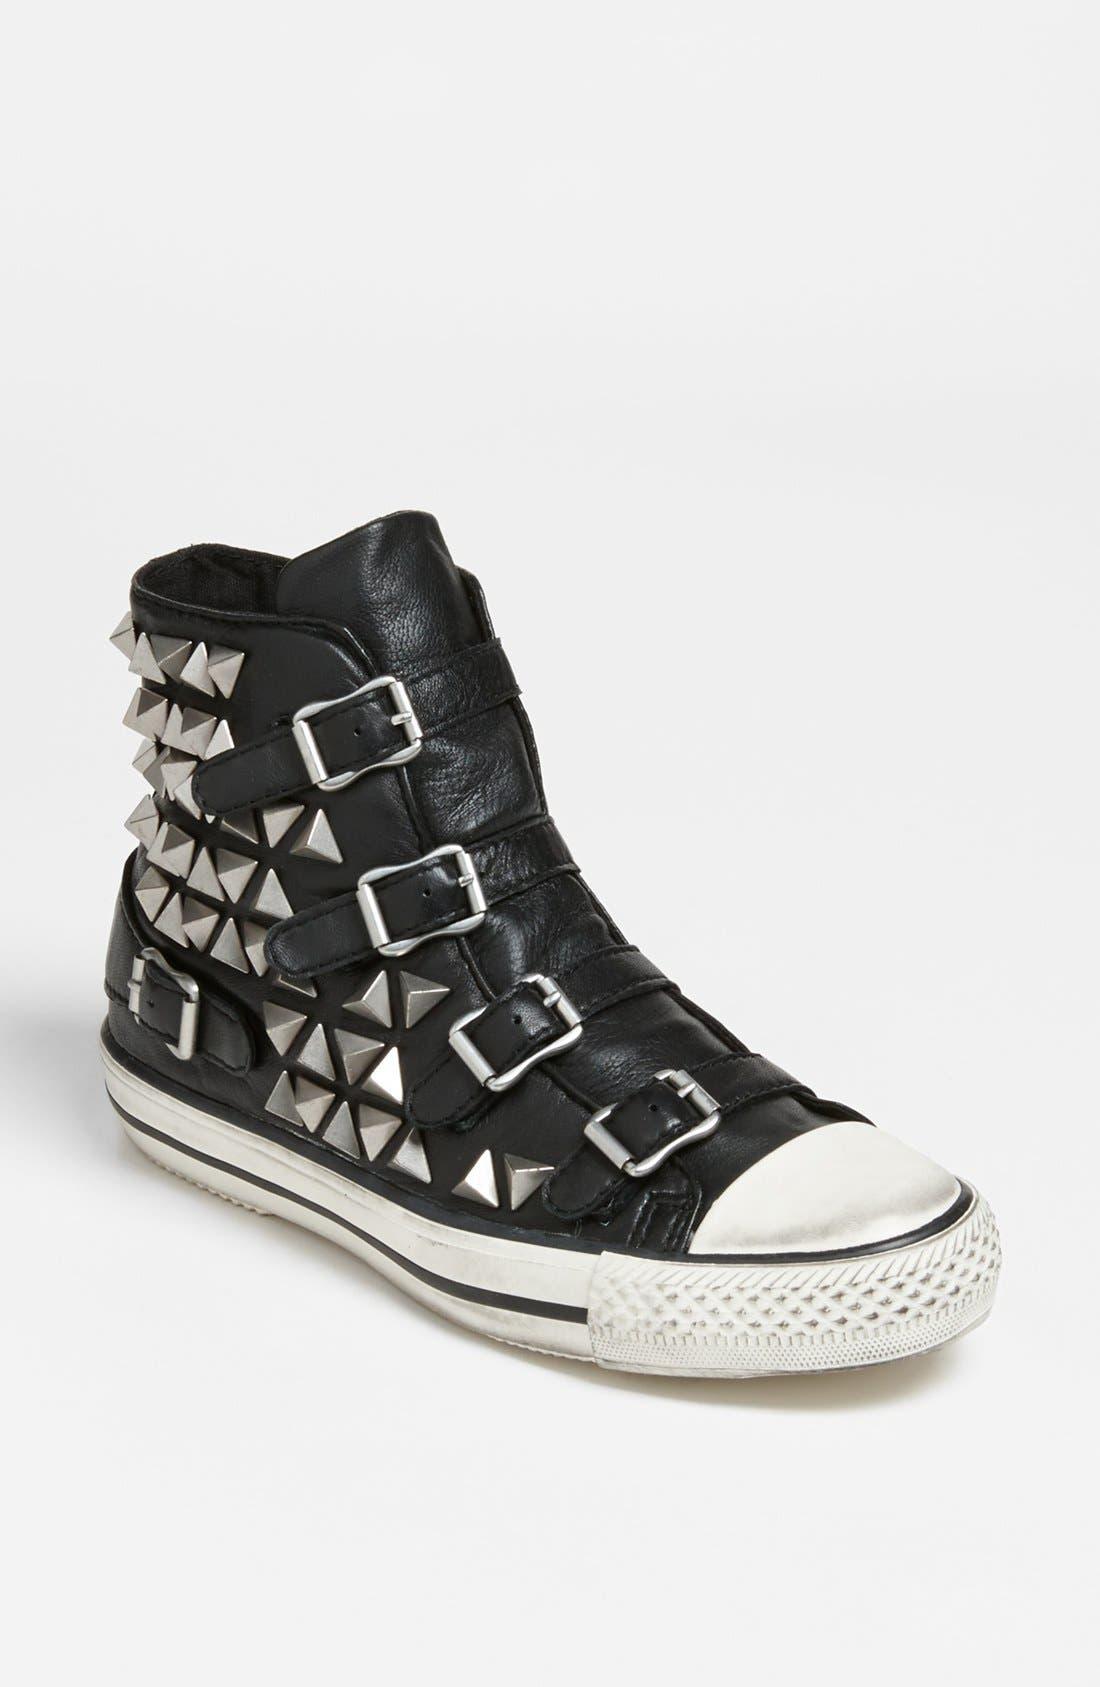 Alternate Image 1 Selected - Ash 'Vice' Sneaker